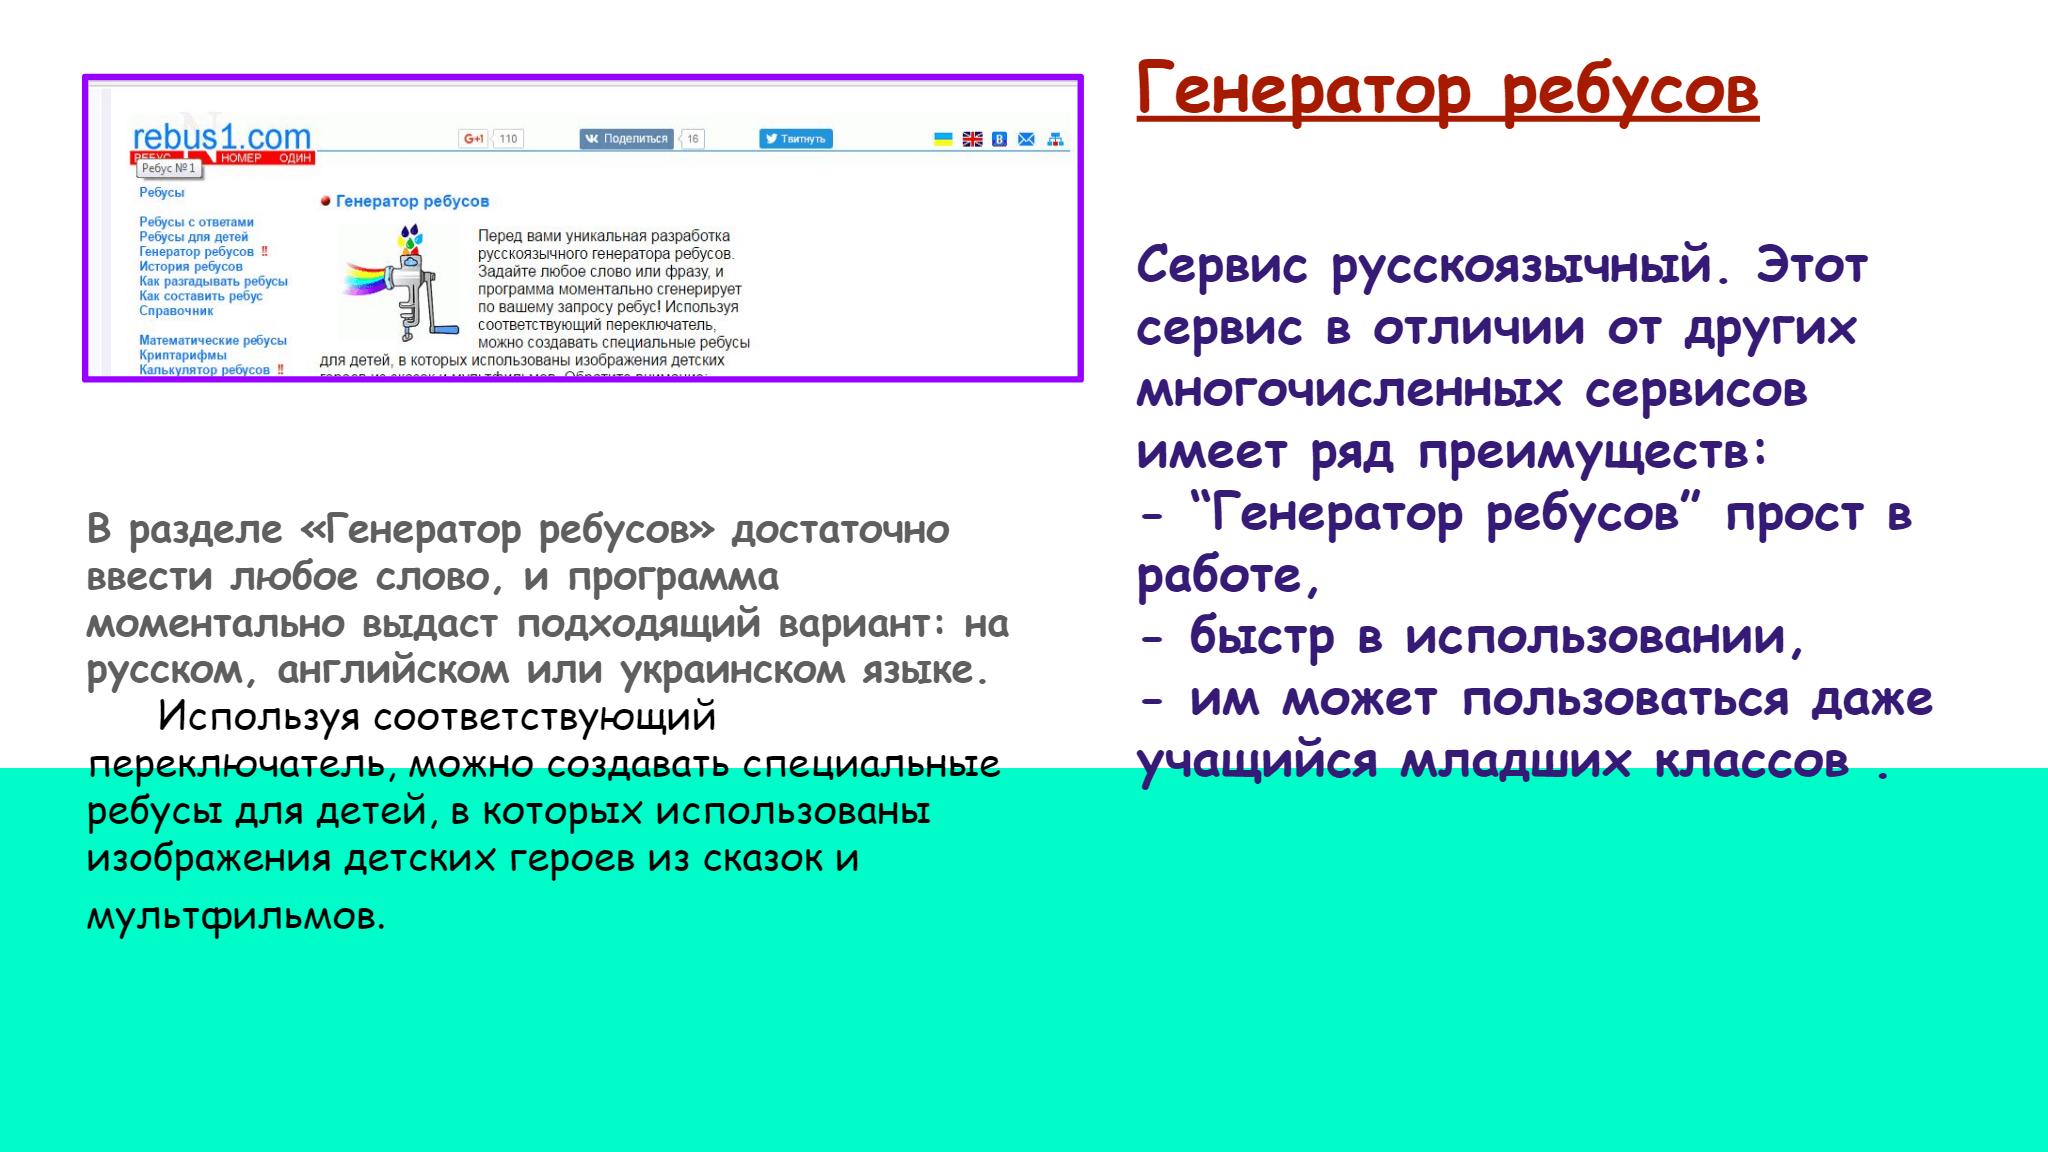 """Генератор ребусов   Сервис русскоязычный. Этот  сервис в отличии от других  многочисленных сервисов  имеет ряд преимуществ:  - """"Генератор ребусов"""" прост в  работе,  - быстр в использовании,   - им может пользоваться даже  учащийся младших классов .  В разделе «Генератор ребусов» достаточно  ввести любое слово, и программа  моментально выдаст подходящий вариант: на  русском, английском или украинском языке.        Используя соответствующий  переключатель, можно создавать специальные  ребусы для детей, в которых использованы  изображения детских героев из сказок и  мультфильмов."""